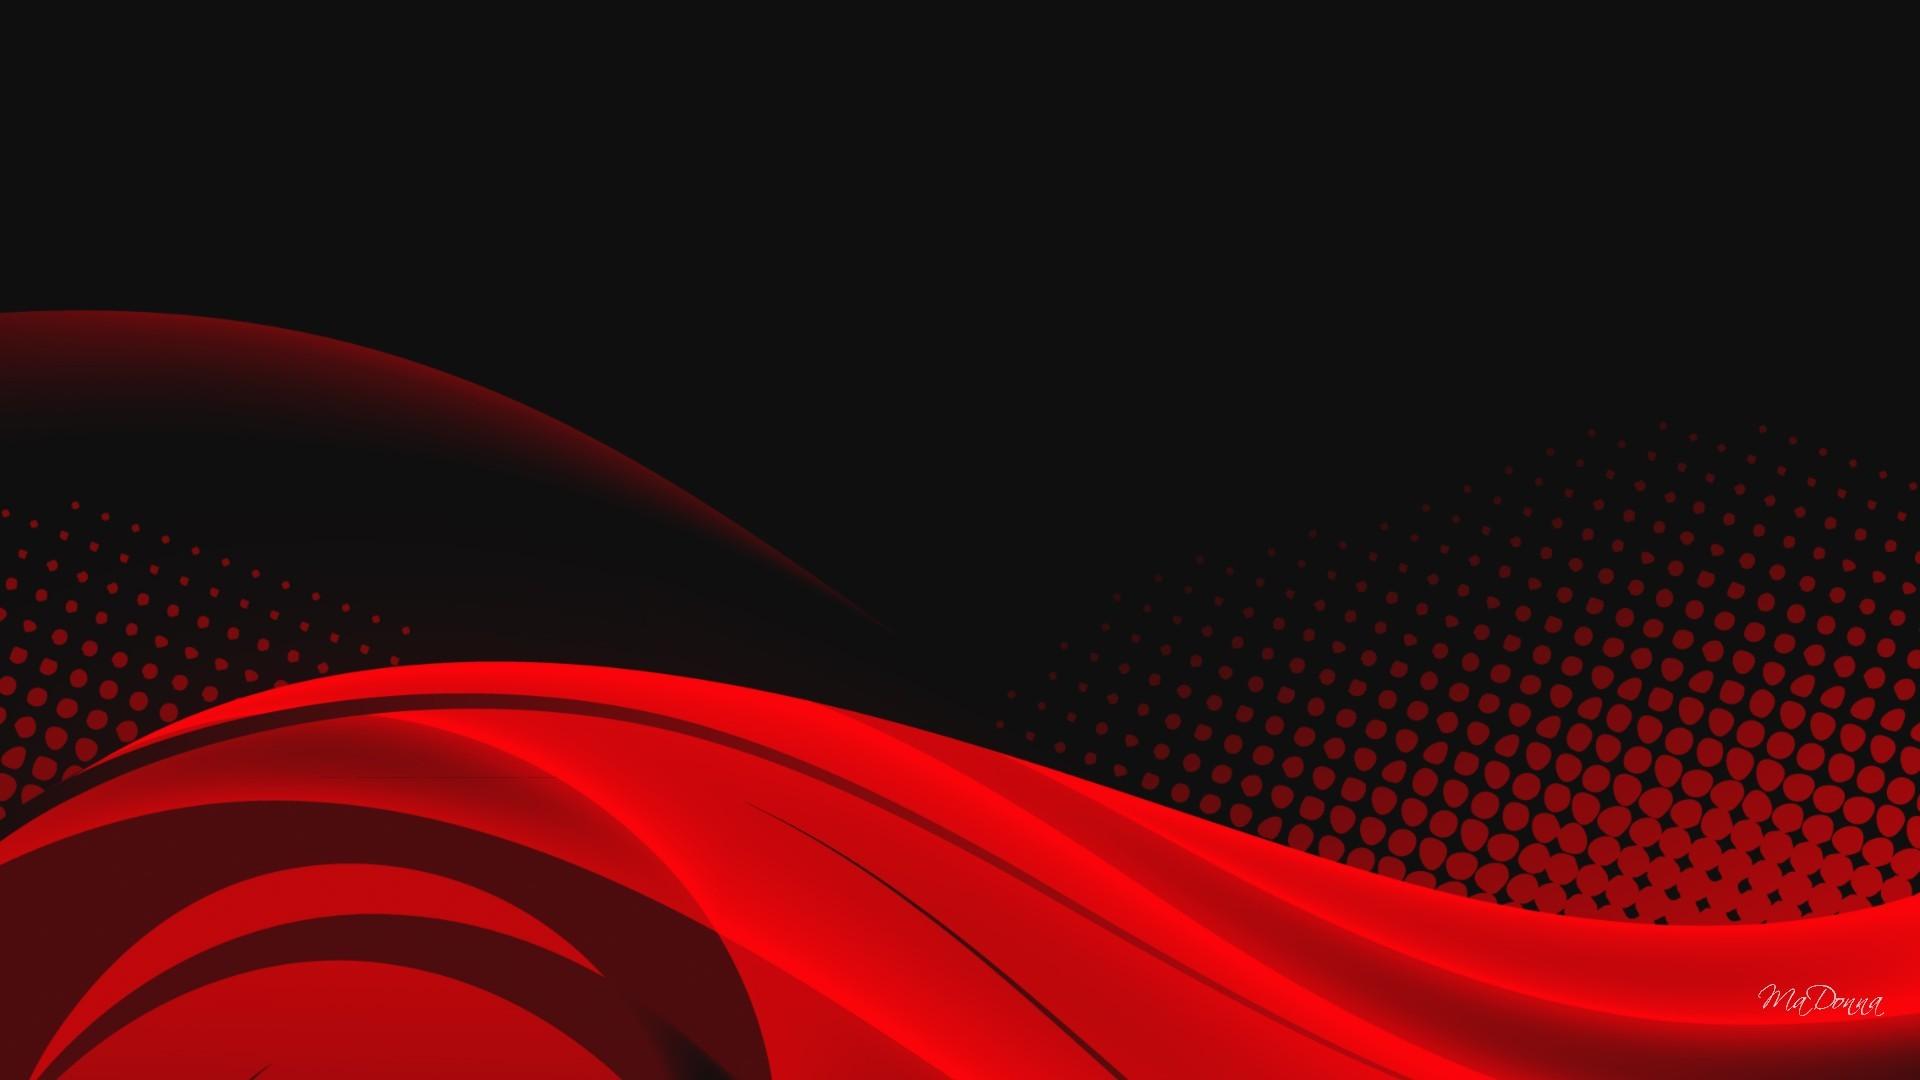 Background Merah Hitam Keren Hd - Doni Gambar